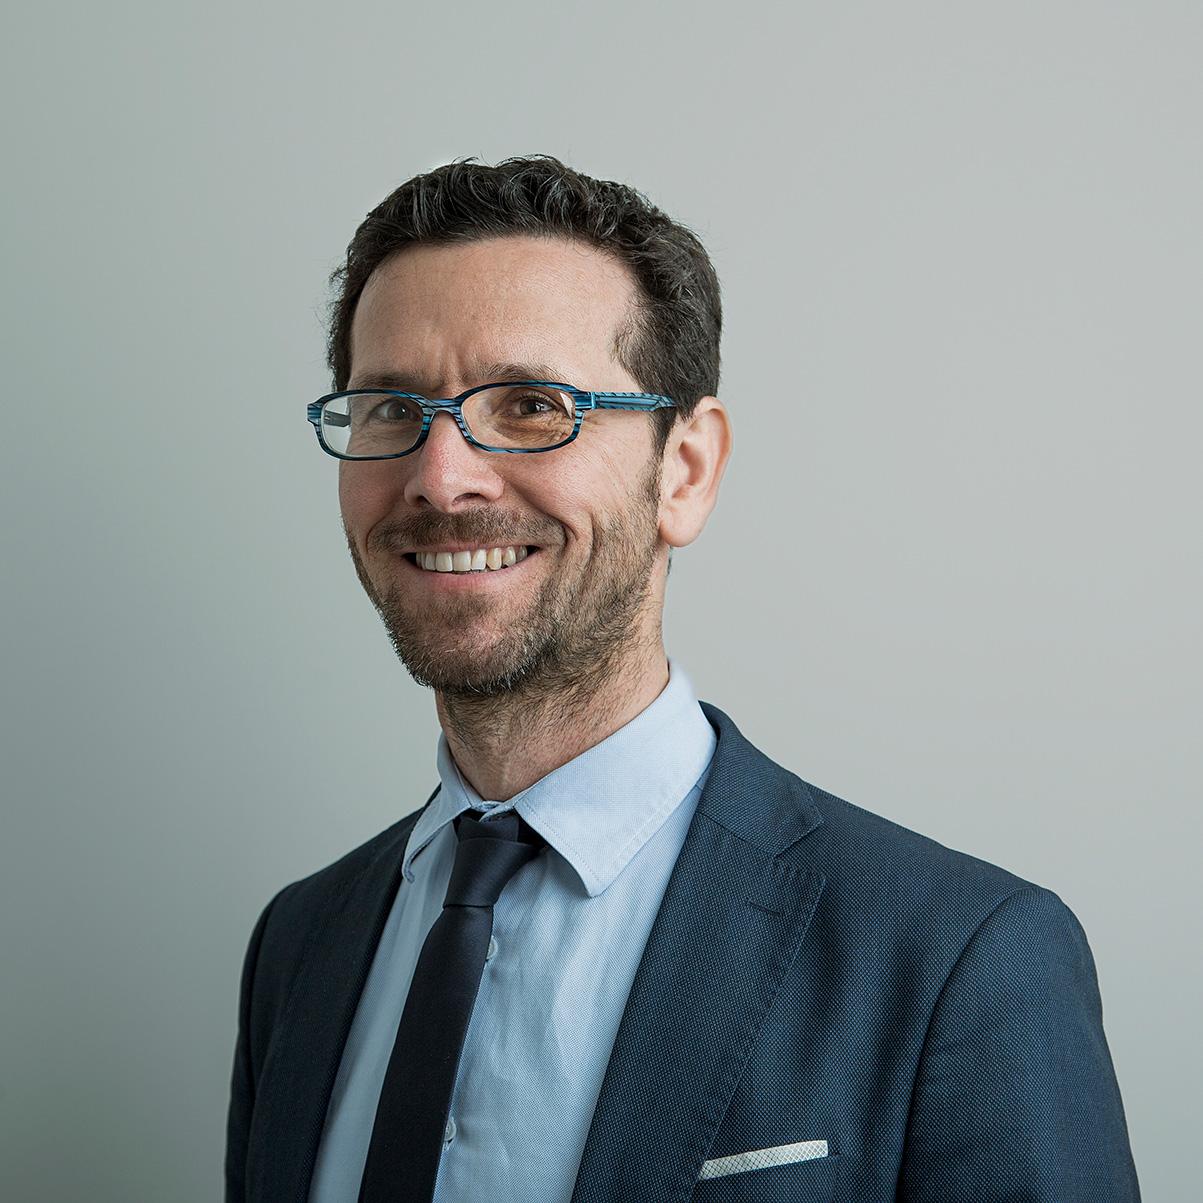 Arnaud Rimbert, Avocat associé | Ellipse Avocats Avocats spécialisés en Droit du Travail et des Relations Sociales